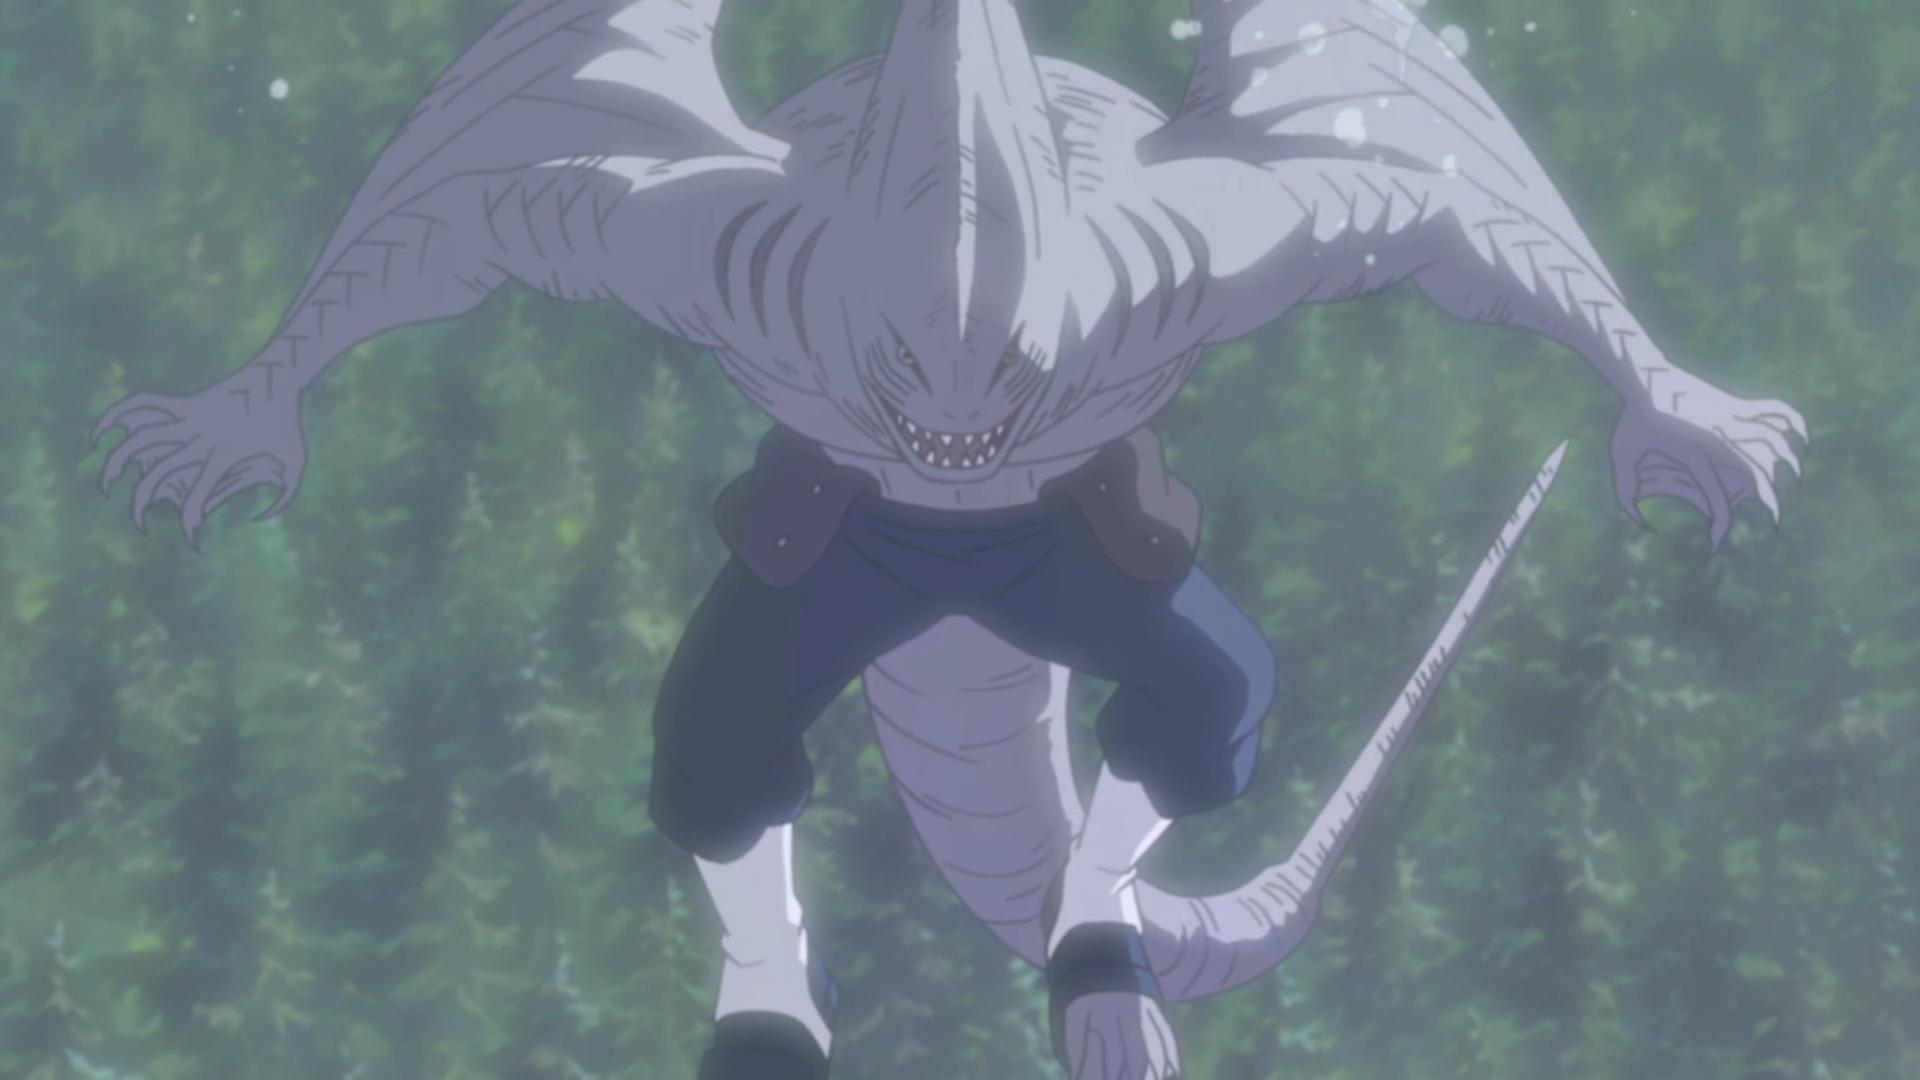 Kisame Hoshigaki Narutopedia Fandom